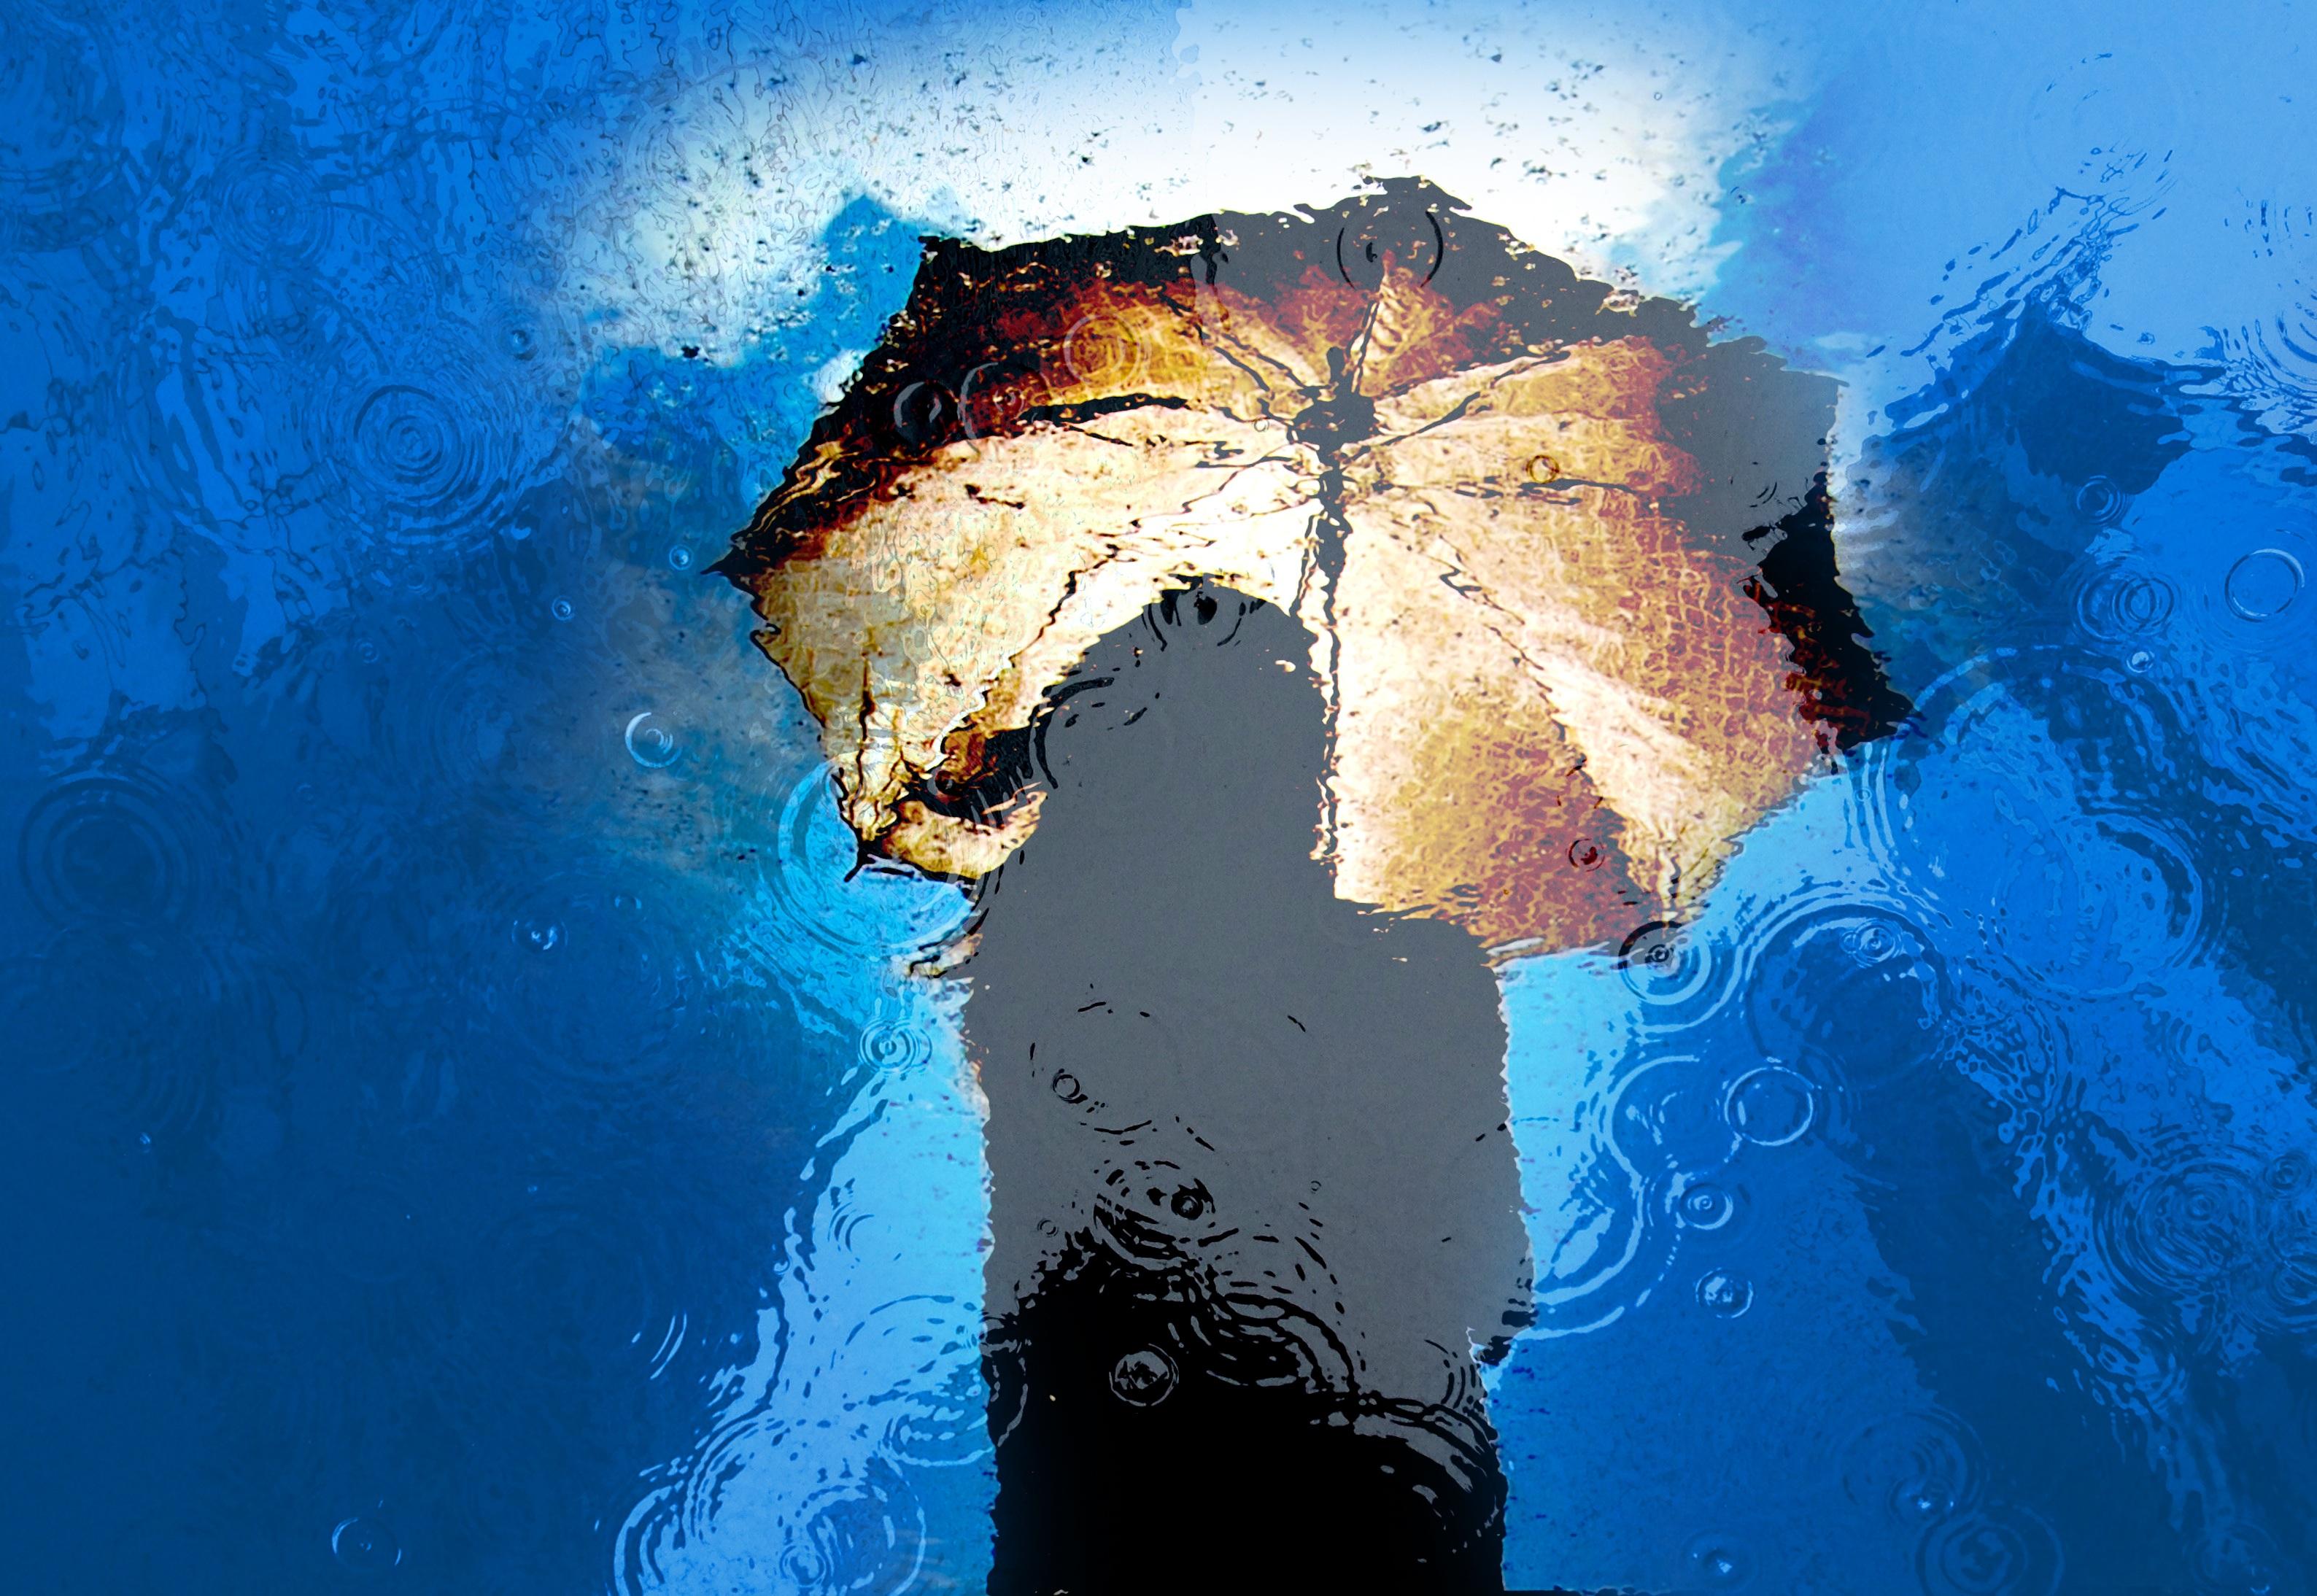 82662壁紙のダウンロードその他, 雑, 傘, 雨, 反射, 水たまり, 水溜り-スクリーンセーバーと写真を無料で